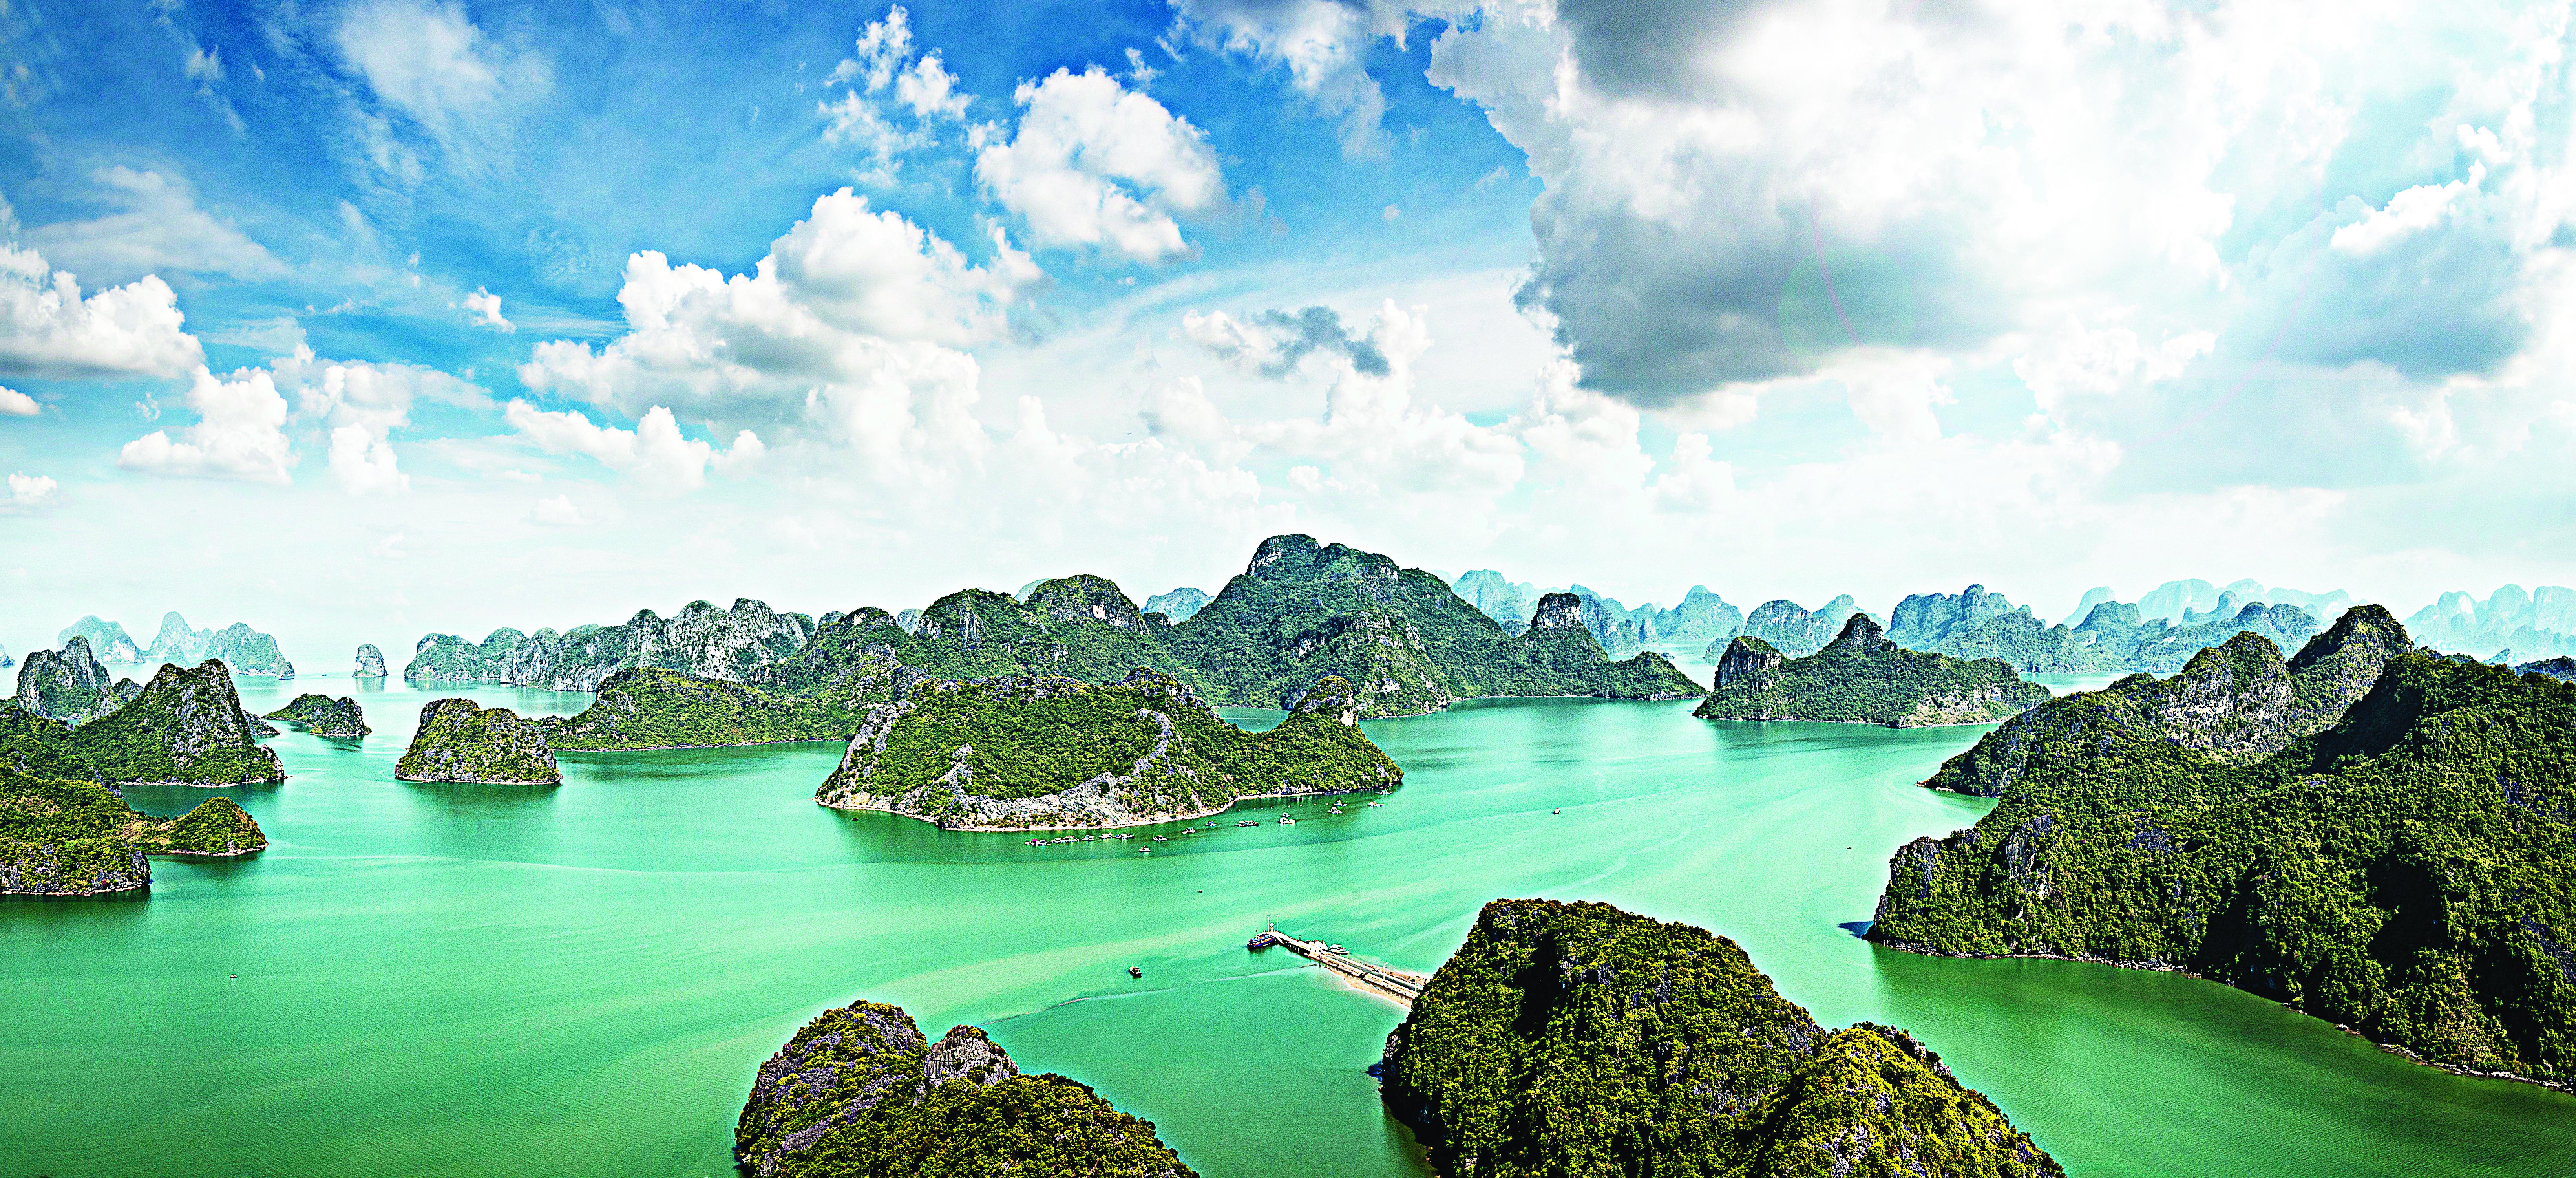 Mar de ilhas em Halong Bay